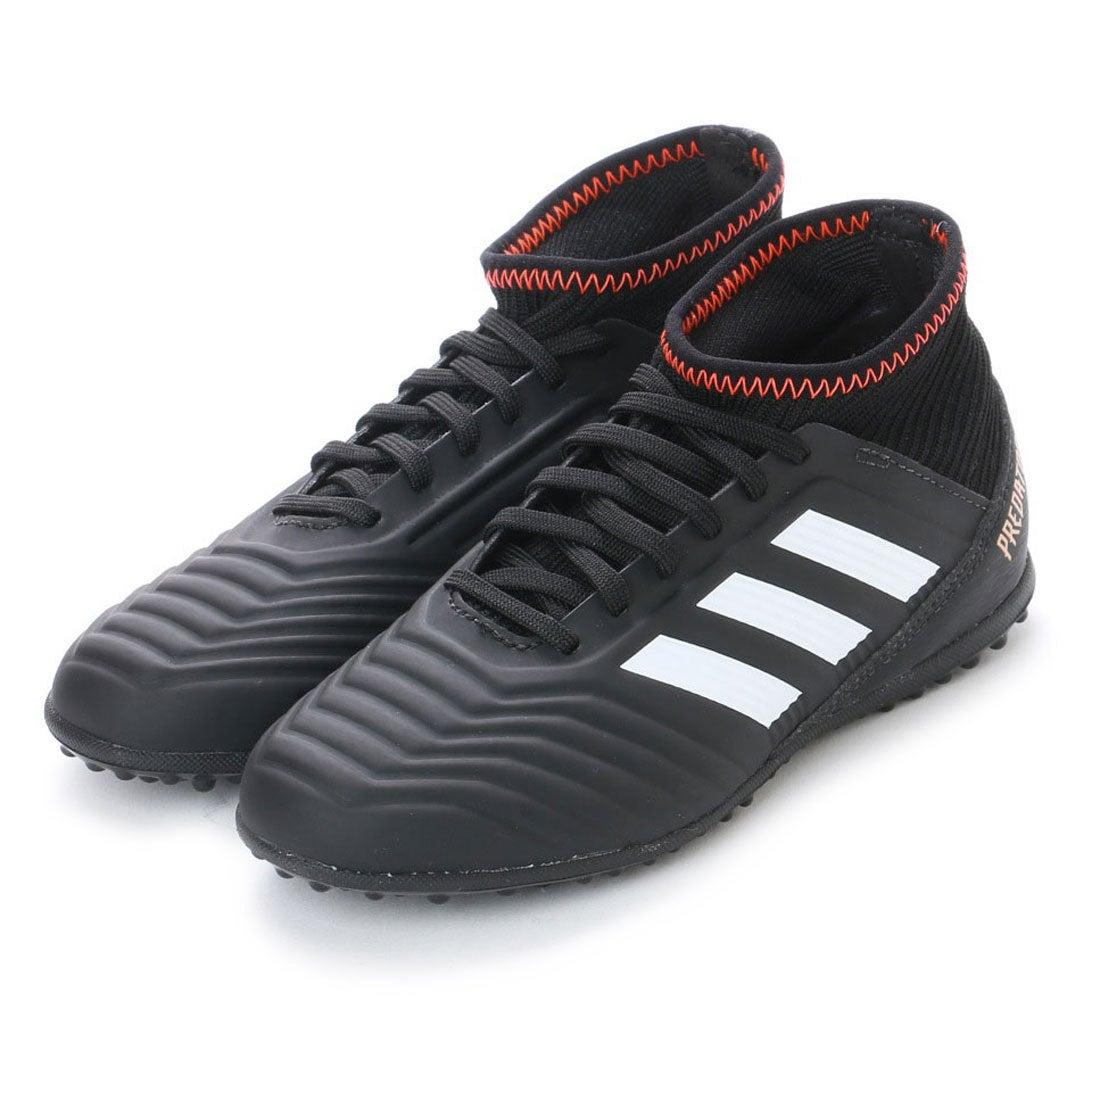 【SALE 25%OFF】アディダス adidas ジュニア サッカー トレーニングシューズ プレデター タンゴ 18.3 TF J CP9039